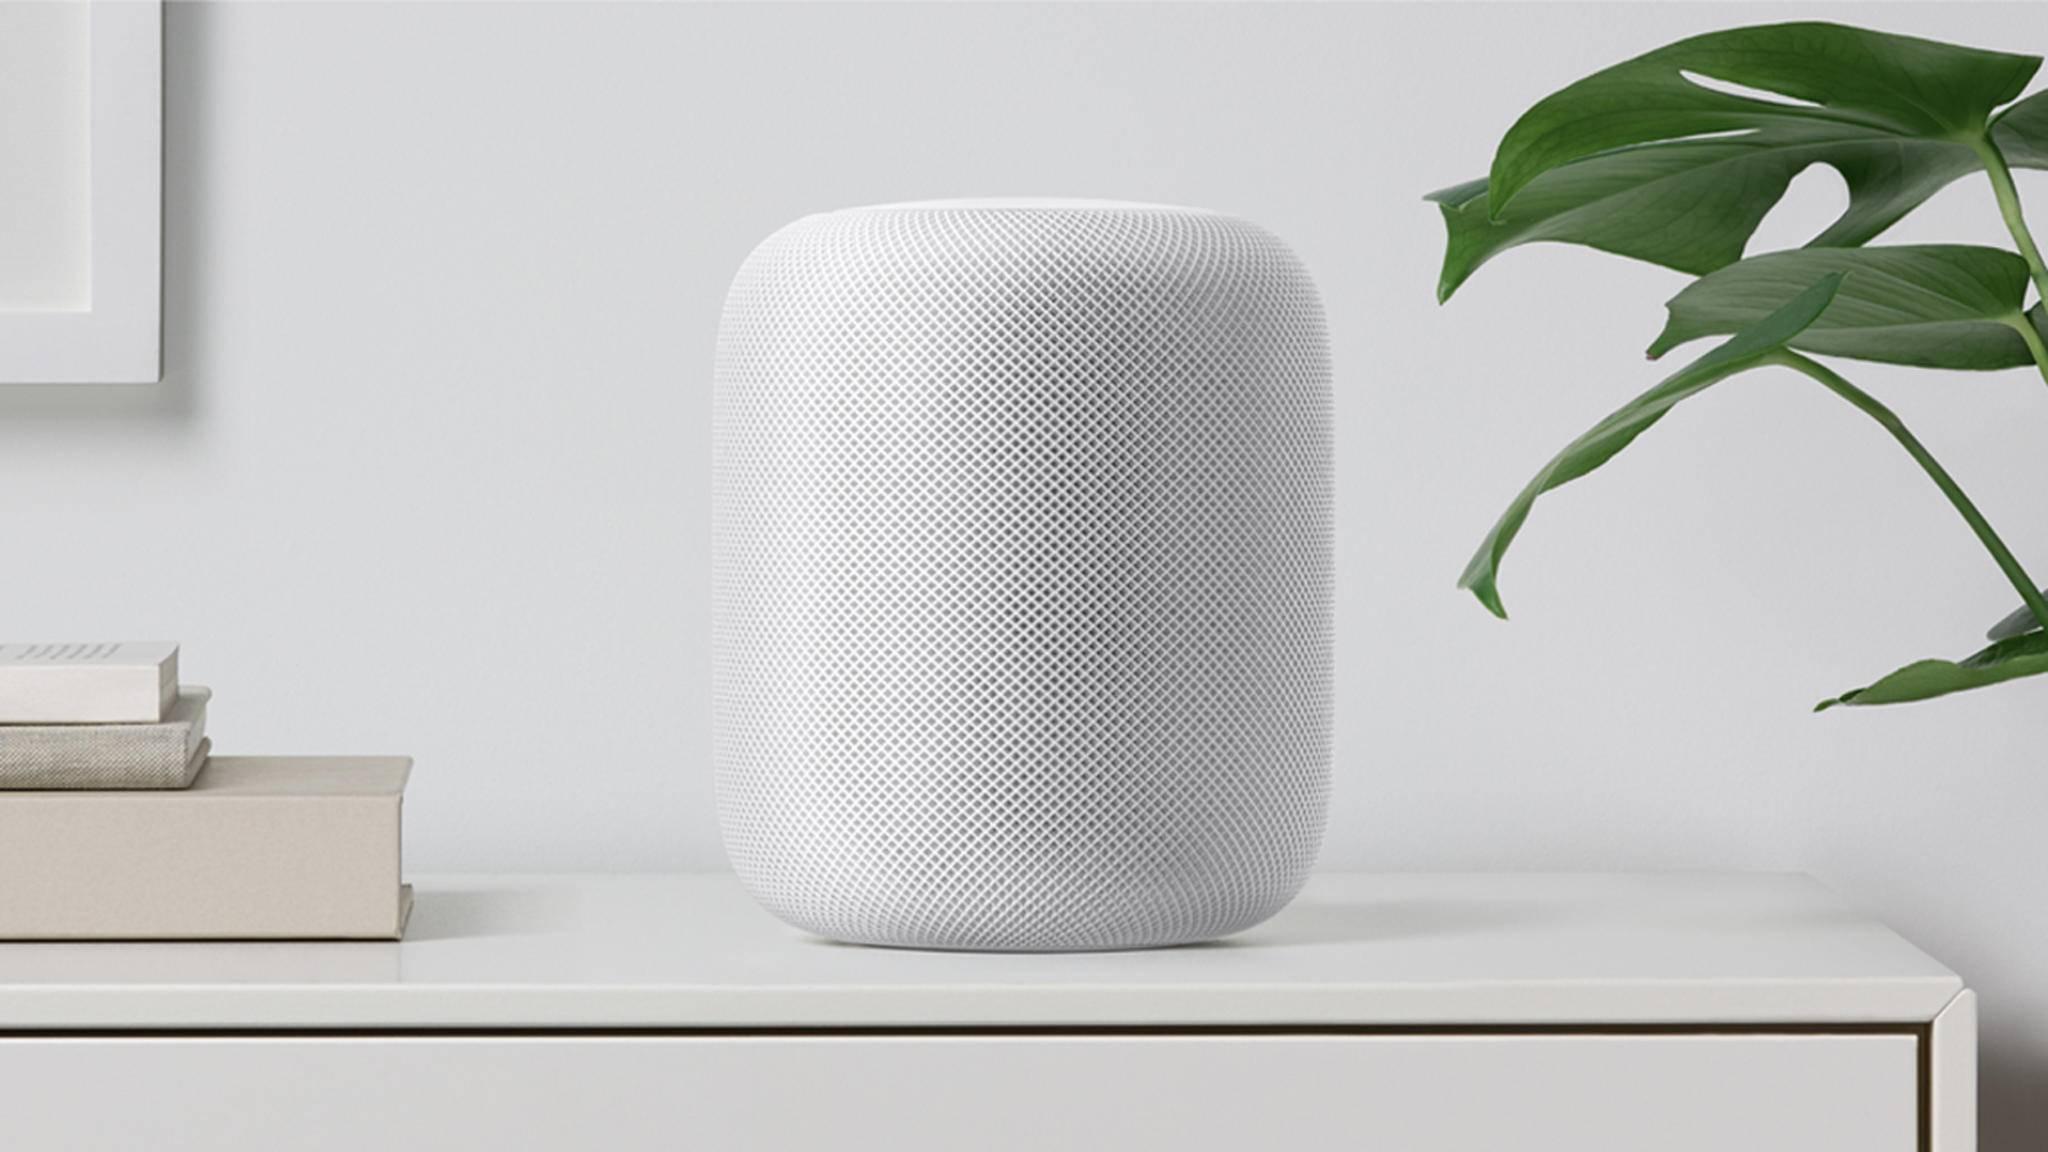 Der Apple HomePod startet am 18. Juni in Deutschland in den Verkauf.